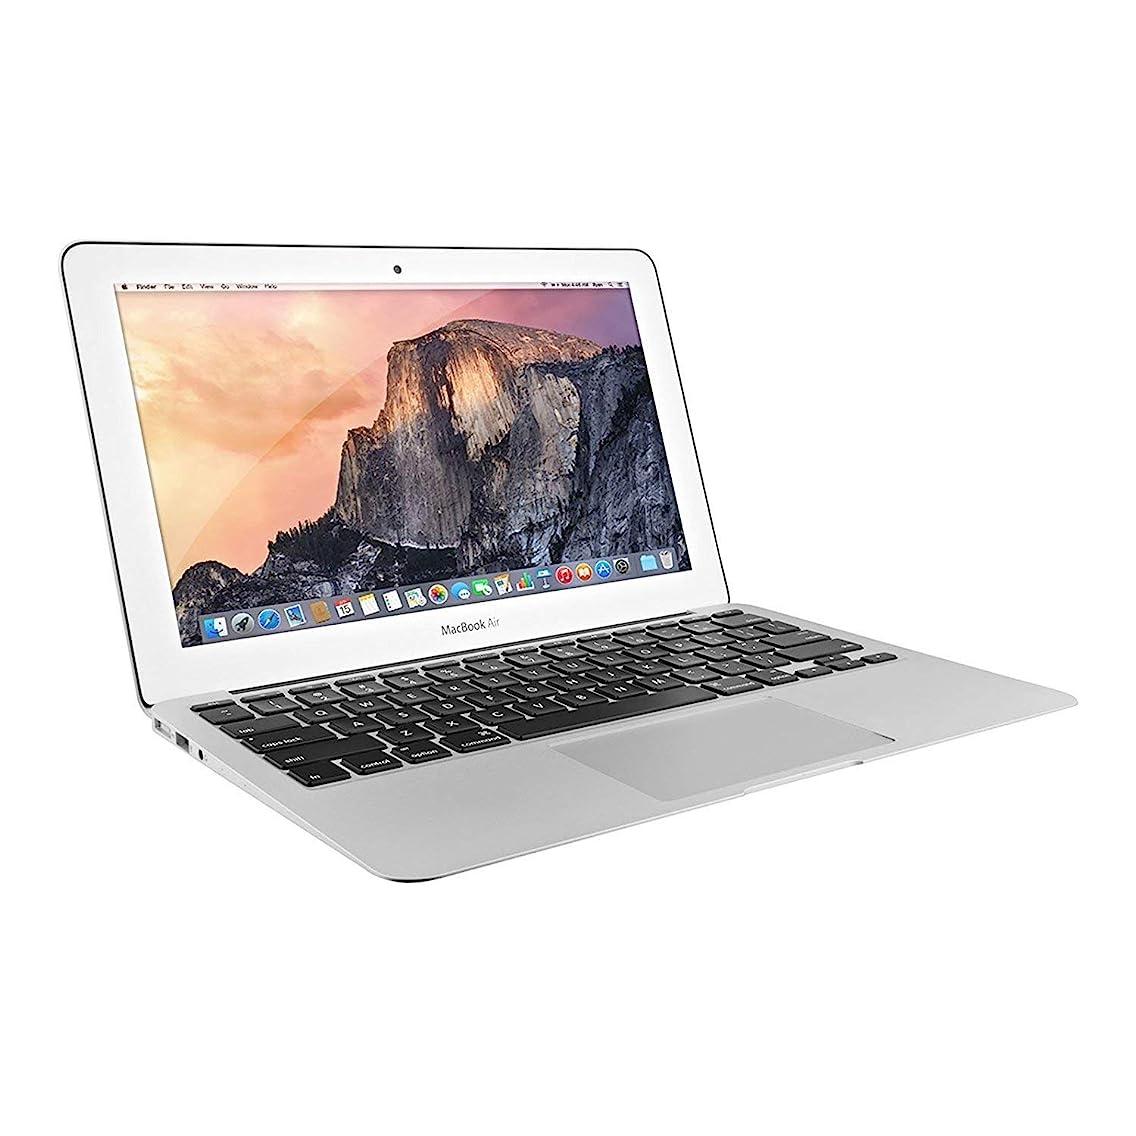 Apple MacBook Air MD711LL/B 11.6in Laptop, Intel Core i5, 4GB Ram, 128GB SSD (Renewed)